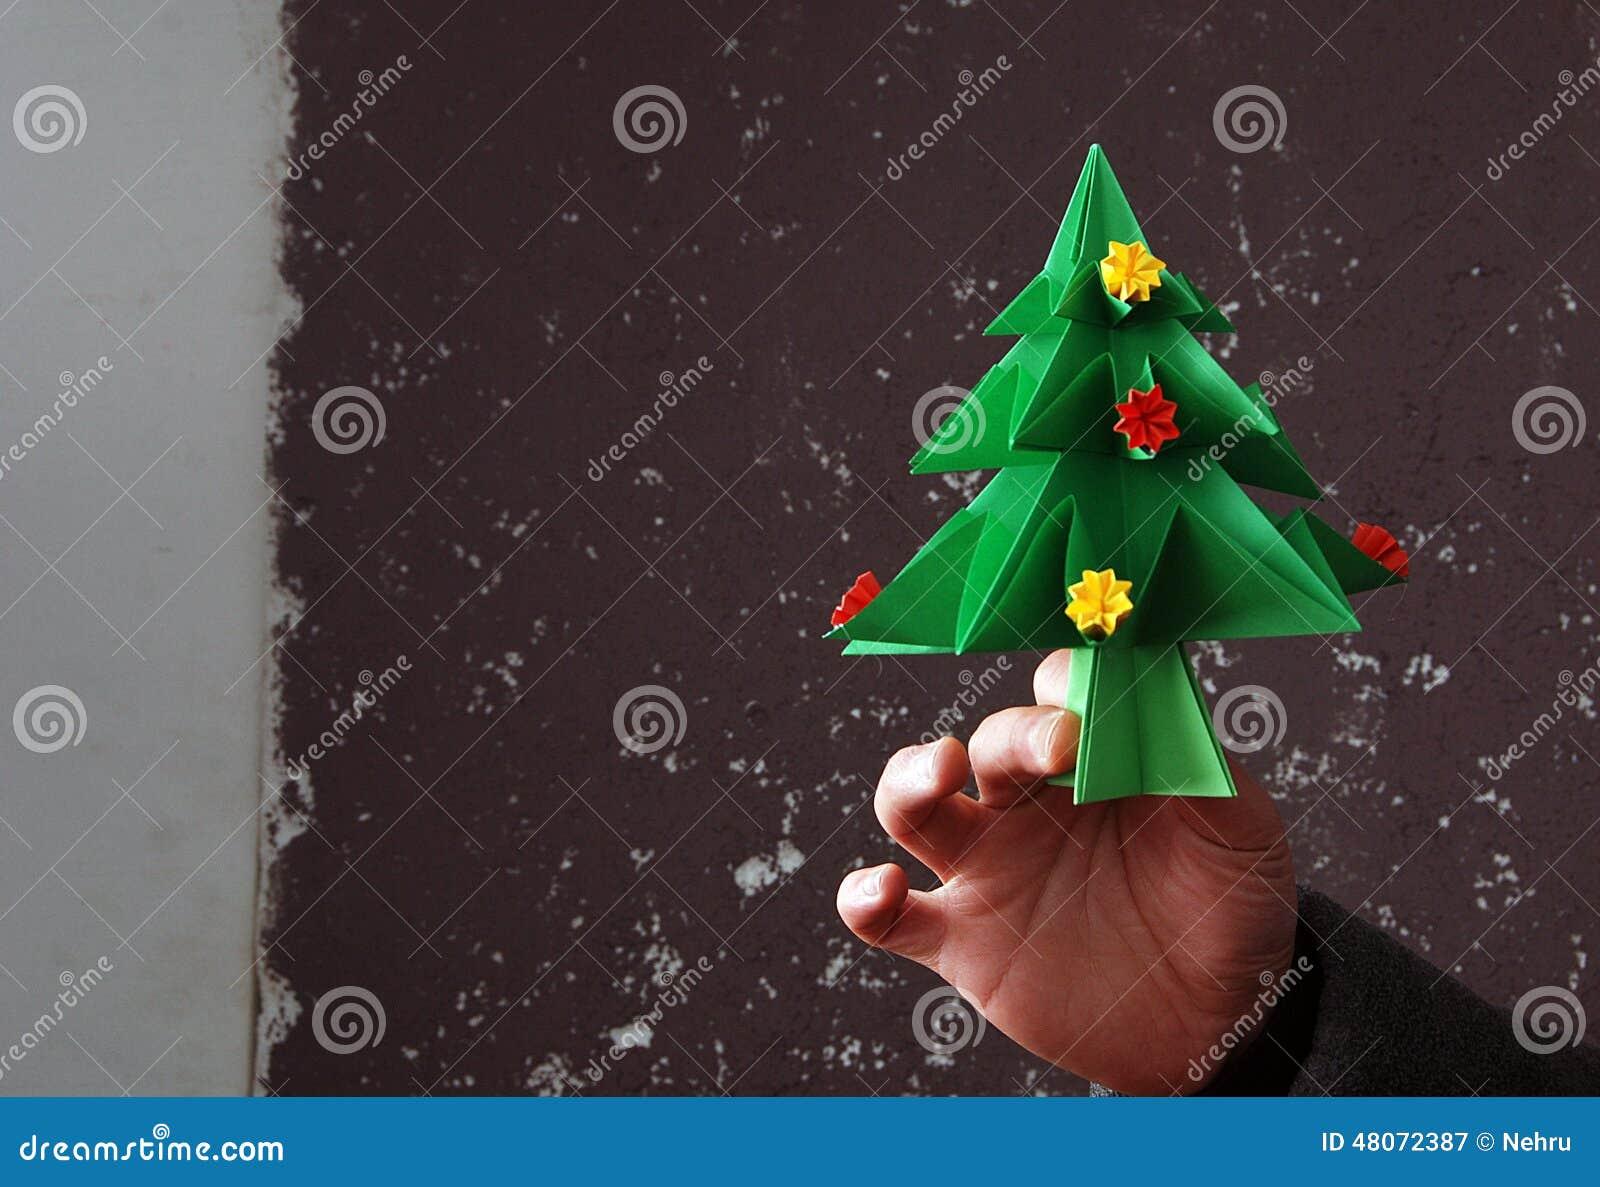 origami weihnachtsbaum stockfoto bild 48072387. Black Bedroom Furniture Sets. Home Design Ideas